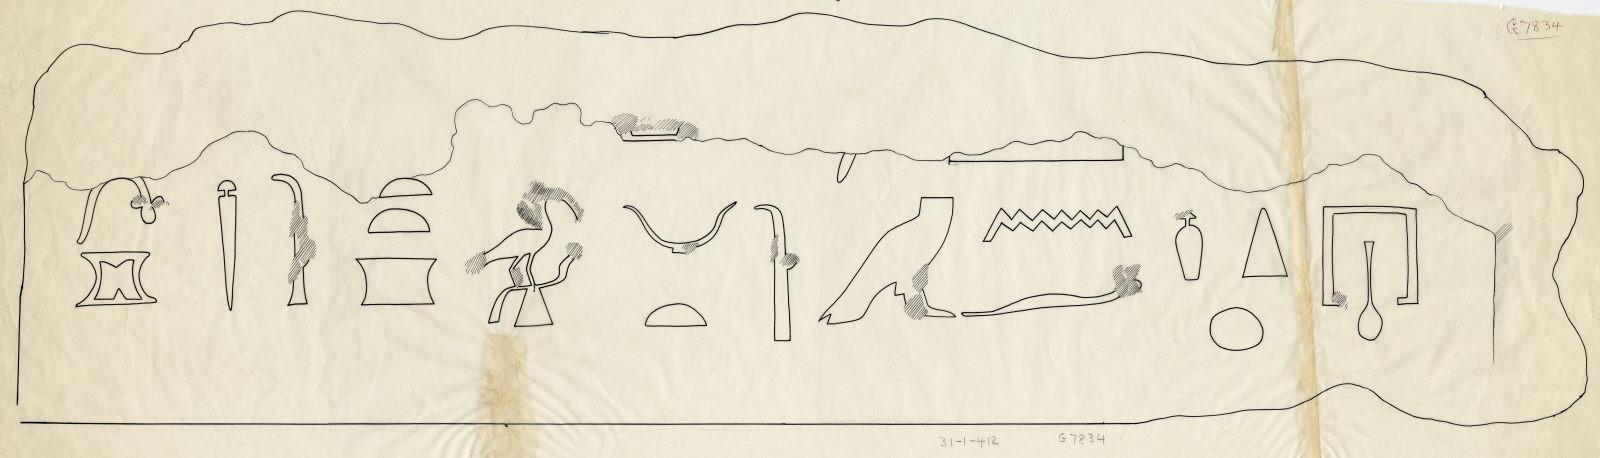 Drawings: G 7834: lintel